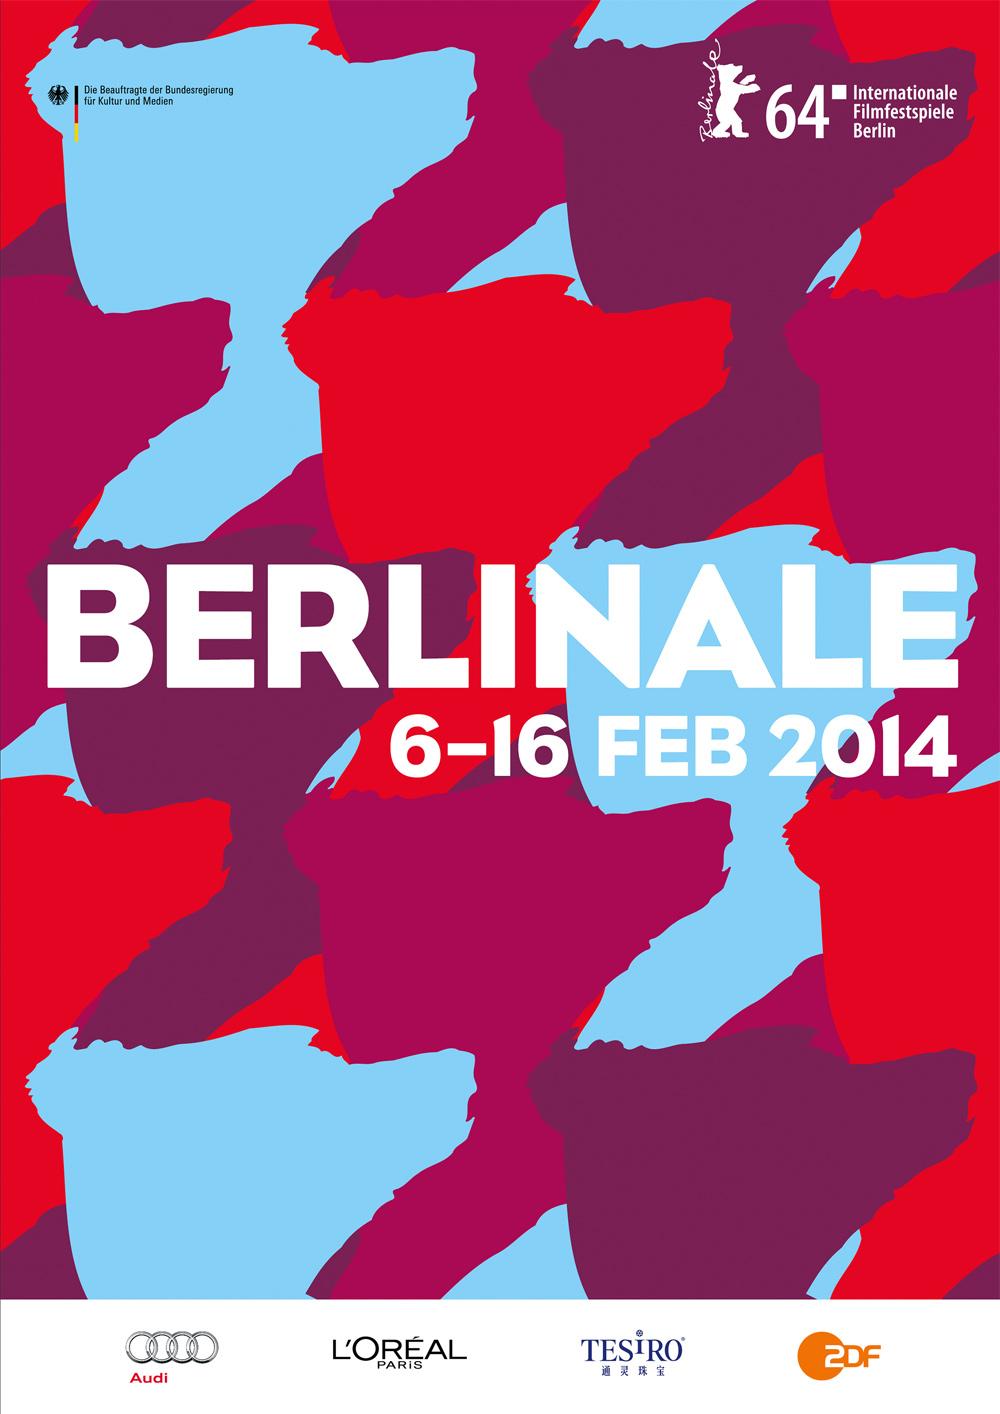 Berlinale3.jpg